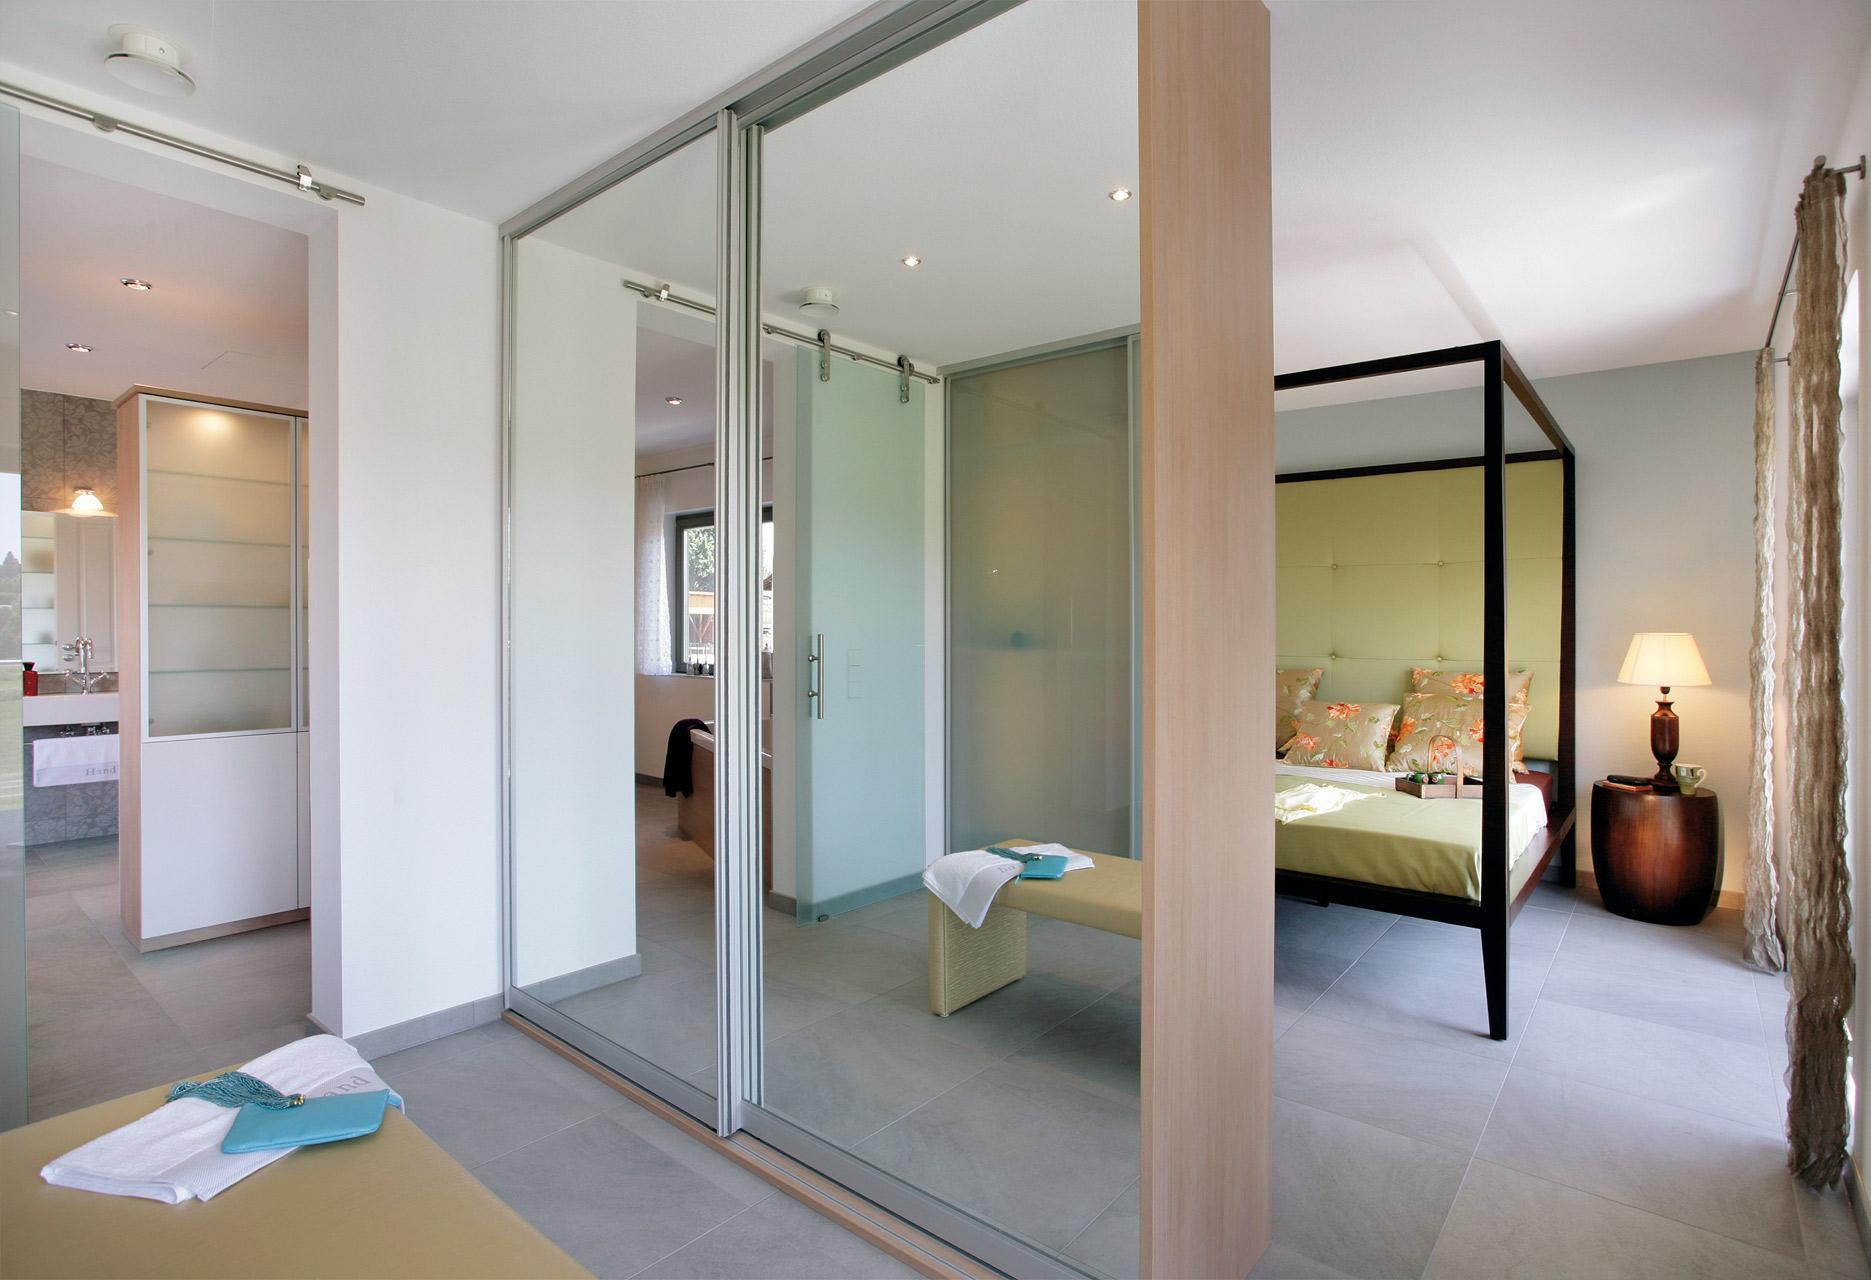 Full Size of Bad Landhausstil Schlafzimmer Küche Betten Sofa Wohnzimmer Boxspring Bett Regal Weiß Esstisch Wohnzimmer Französischer Landhausstil